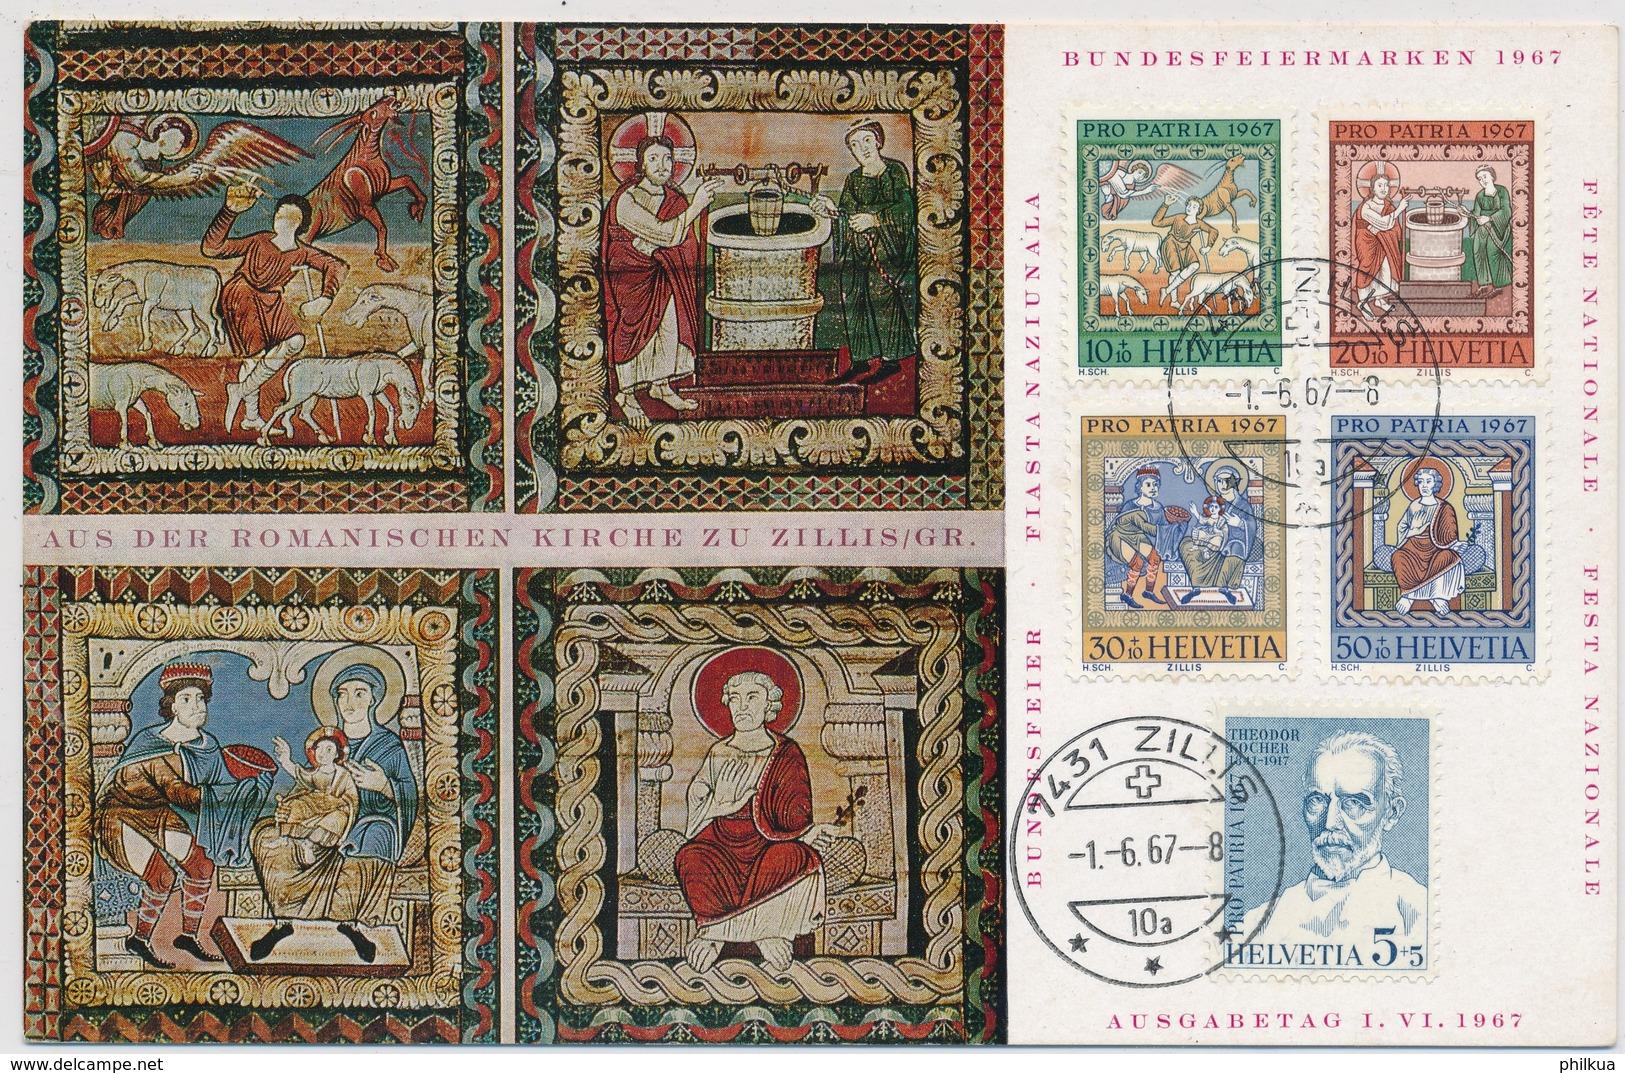 133-137 / 853-857 Pro Patria Serie 1967 Auf Maximumkartemserie Gestempelt Ersttag ZILLIS - Cartes-Maximum (CM)